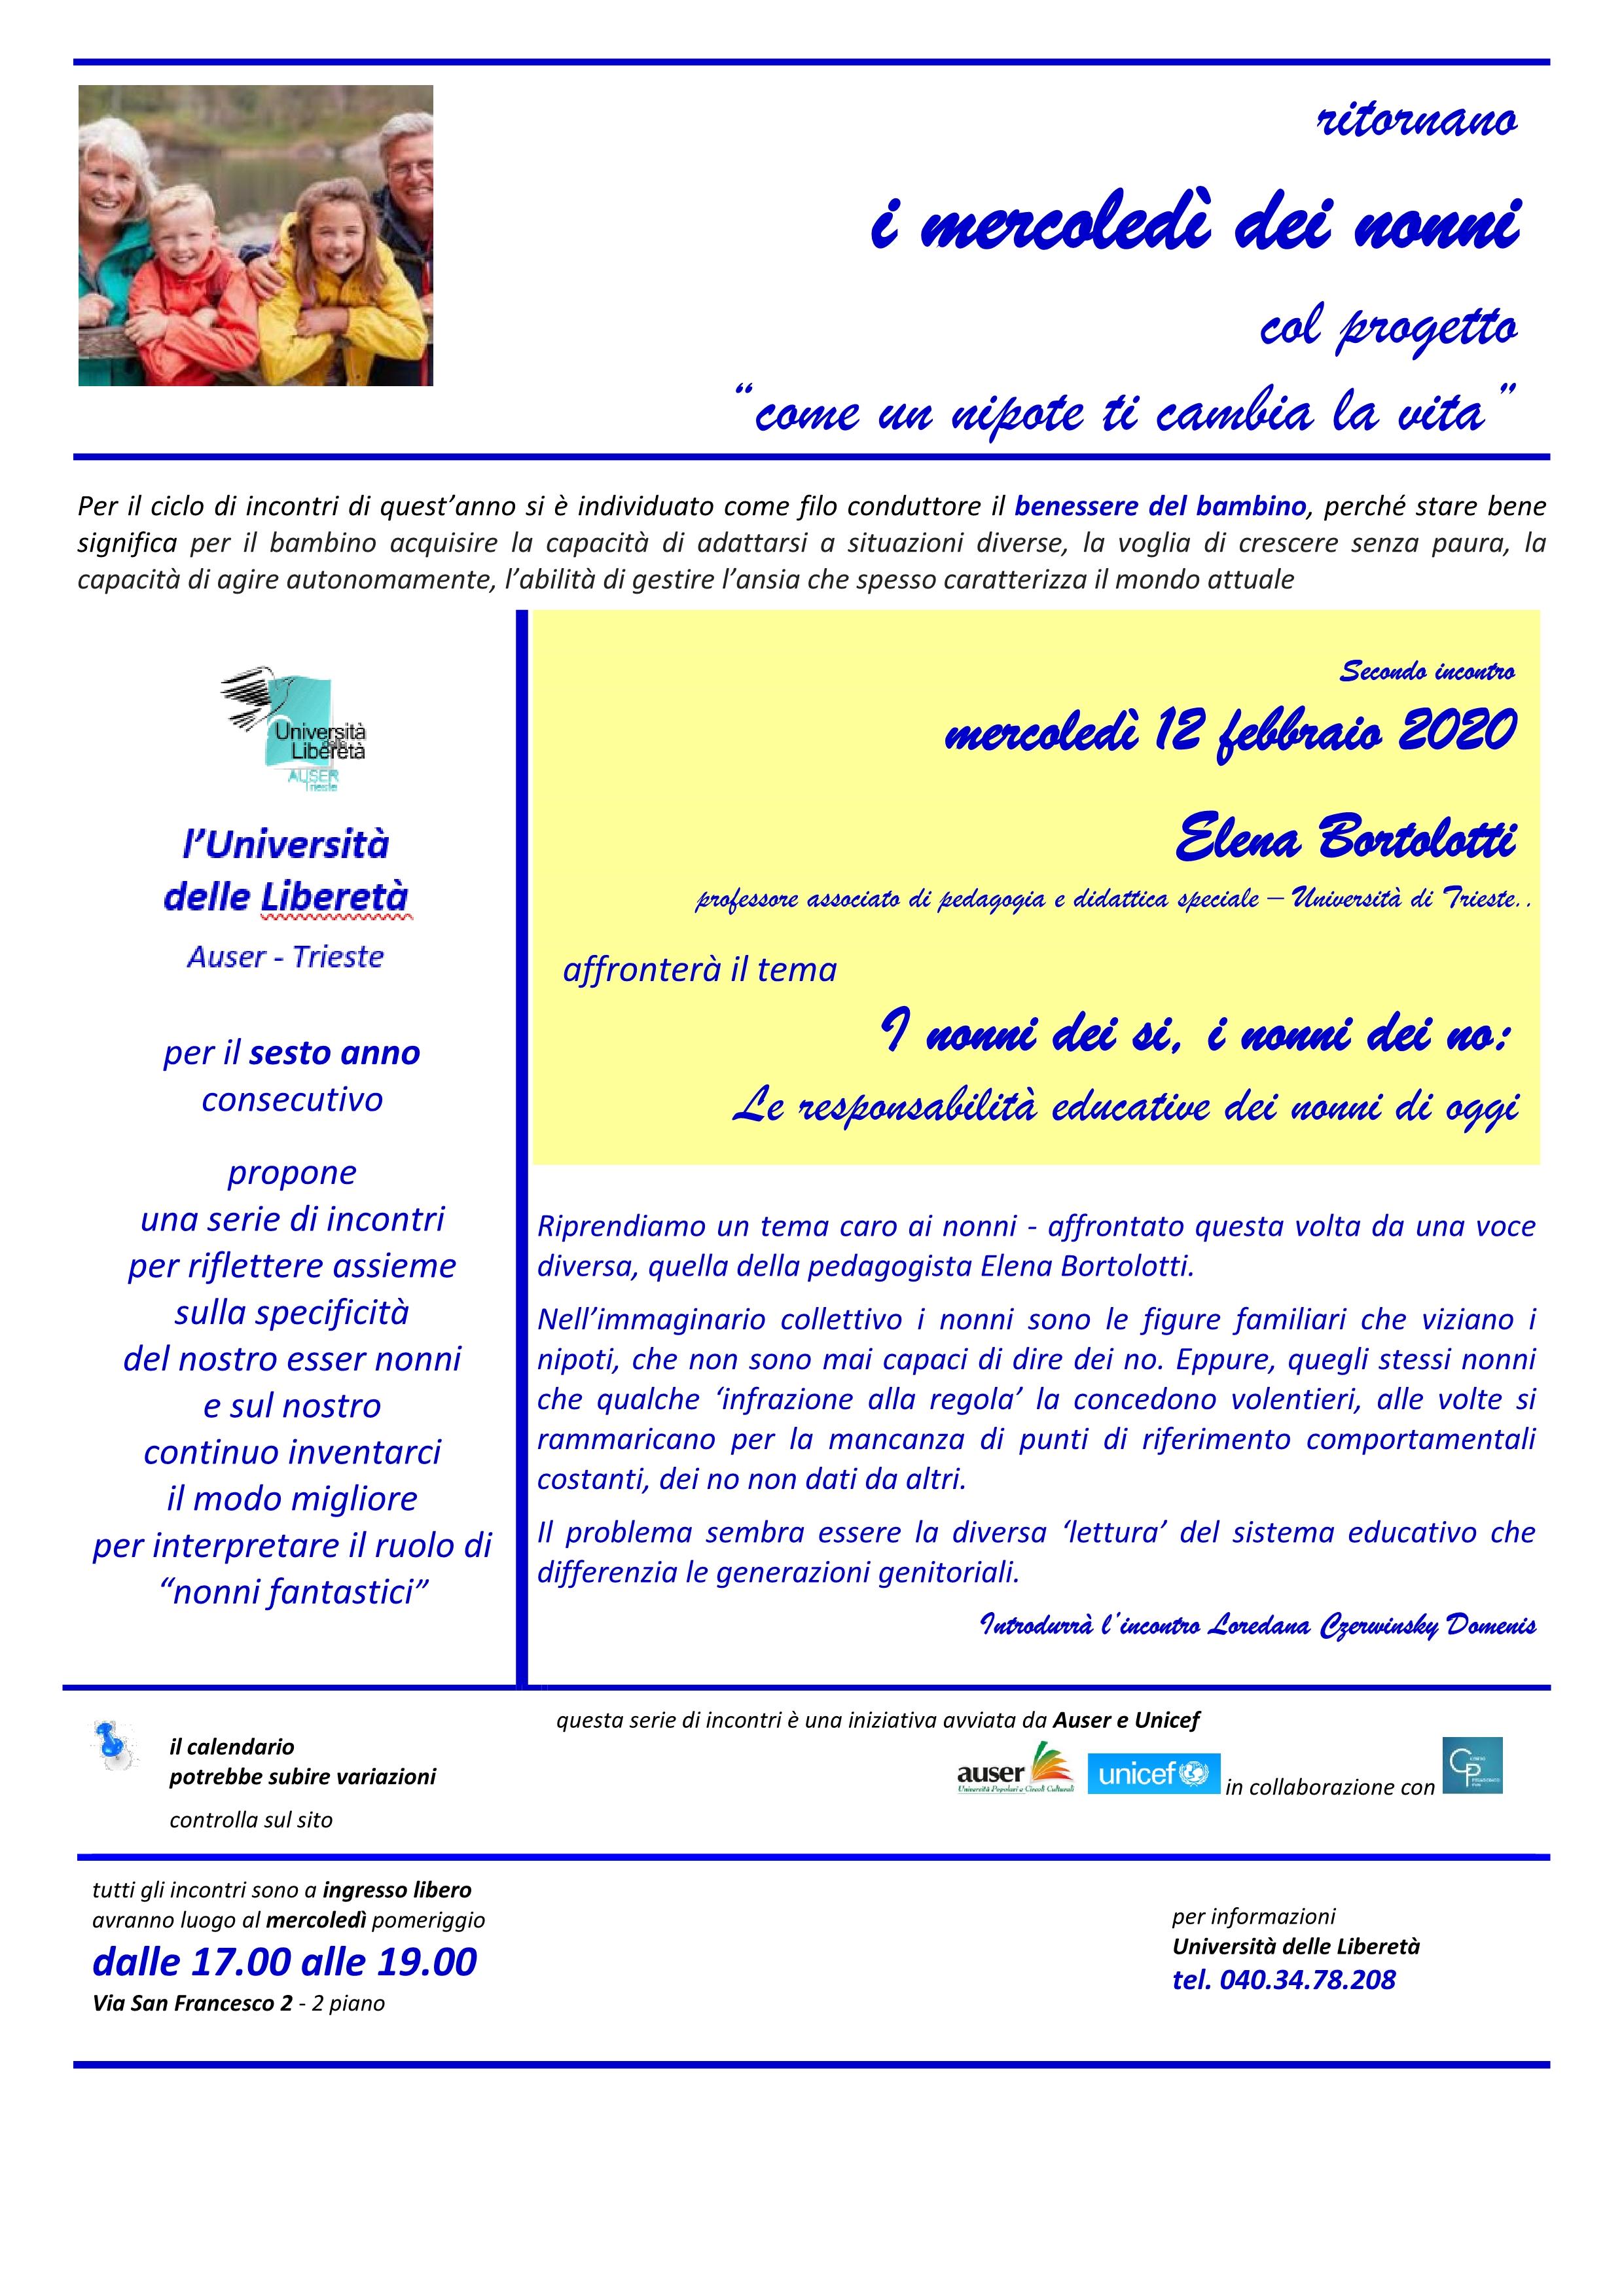 2.1-PrimoDepliant-Bortolotti-12febbraio1